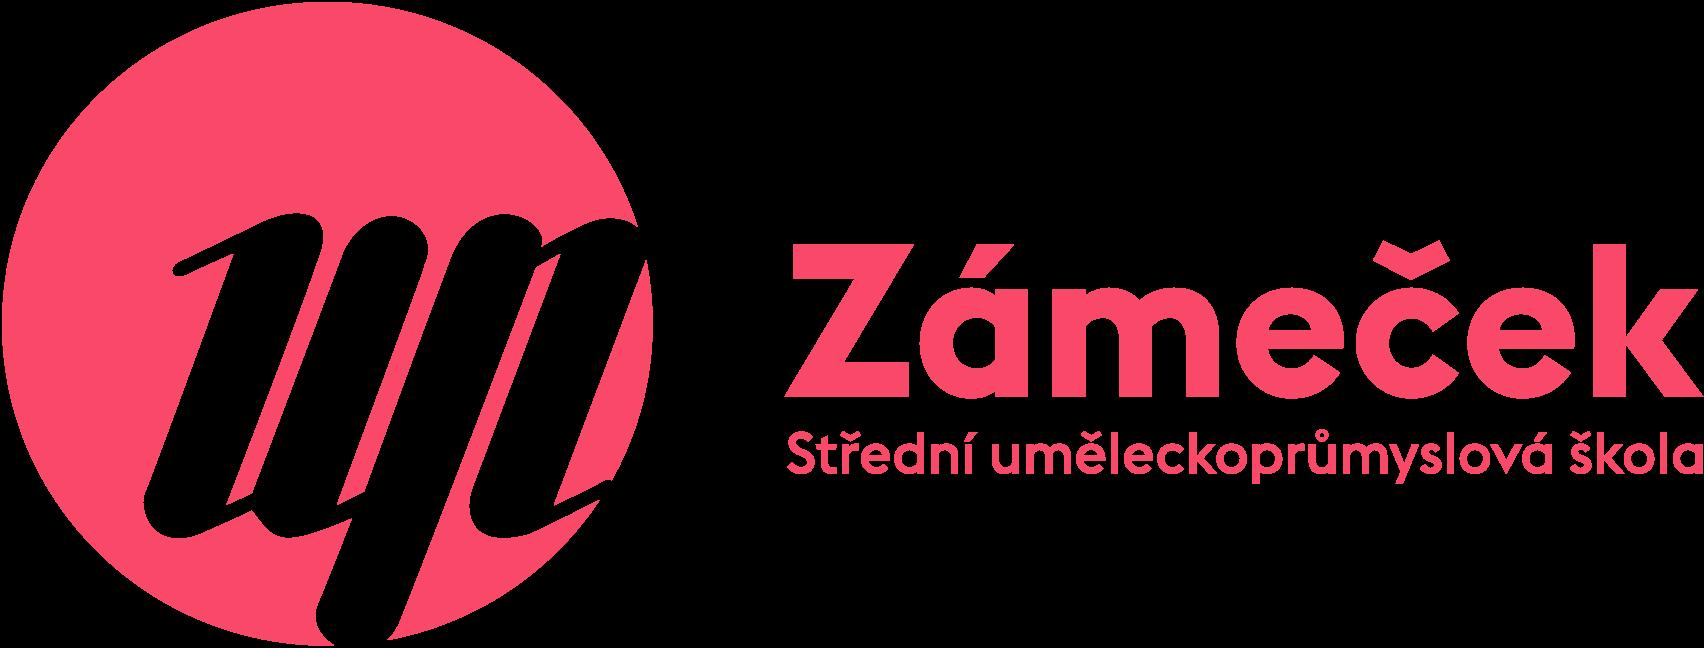 Střední uměleckoprůmyslová škola Zámeček s.r.o., Plzeň logo